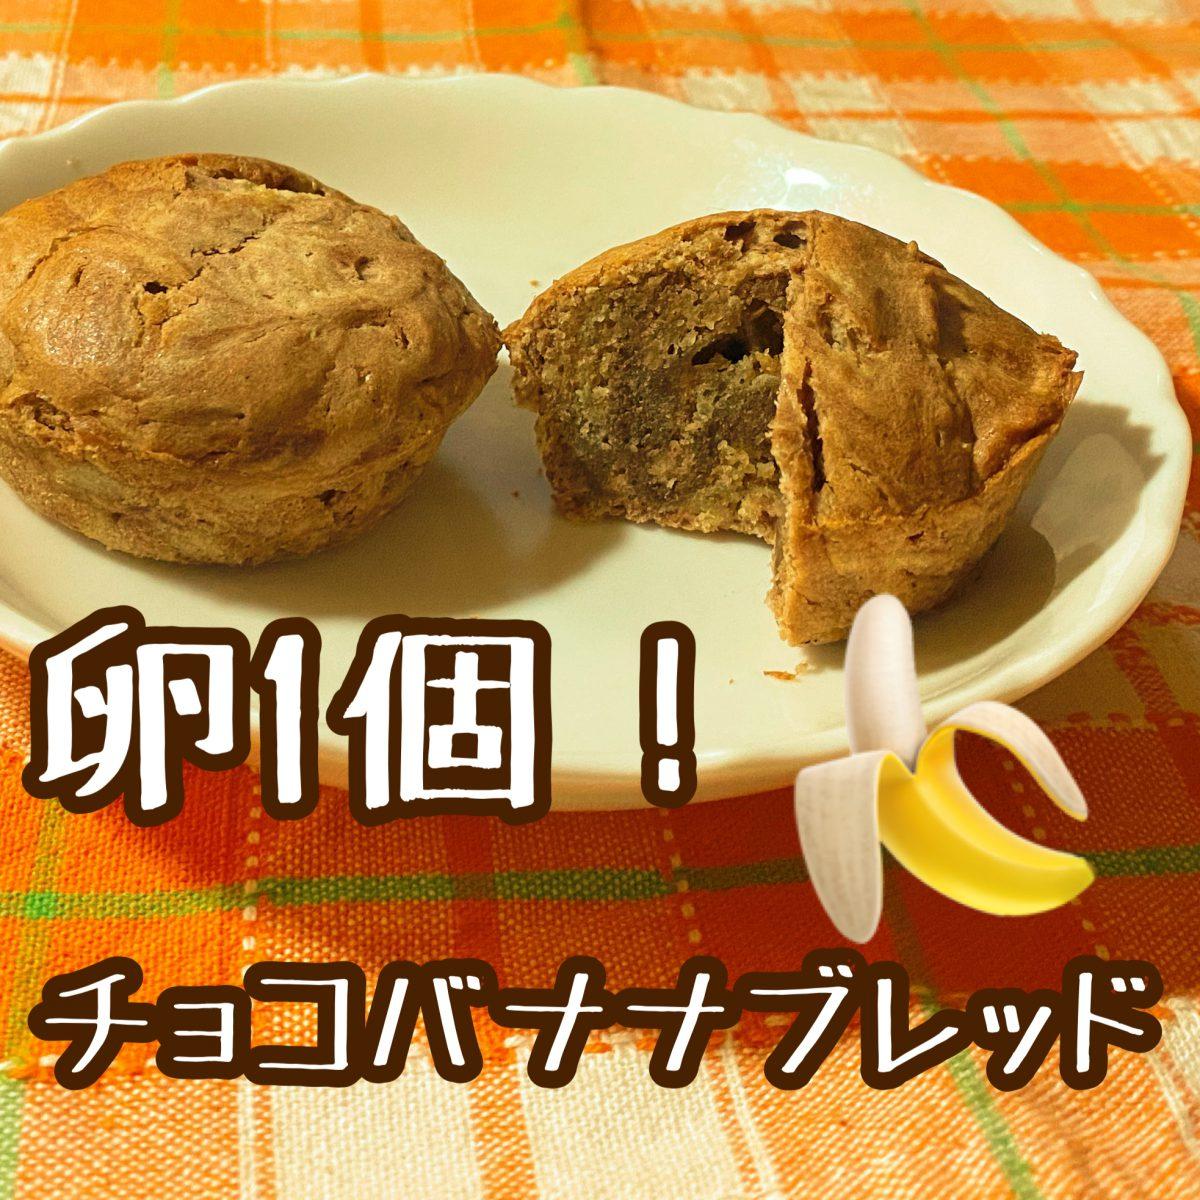 【卵1個!バナナ1本】チョコバナナブレッドの作り方